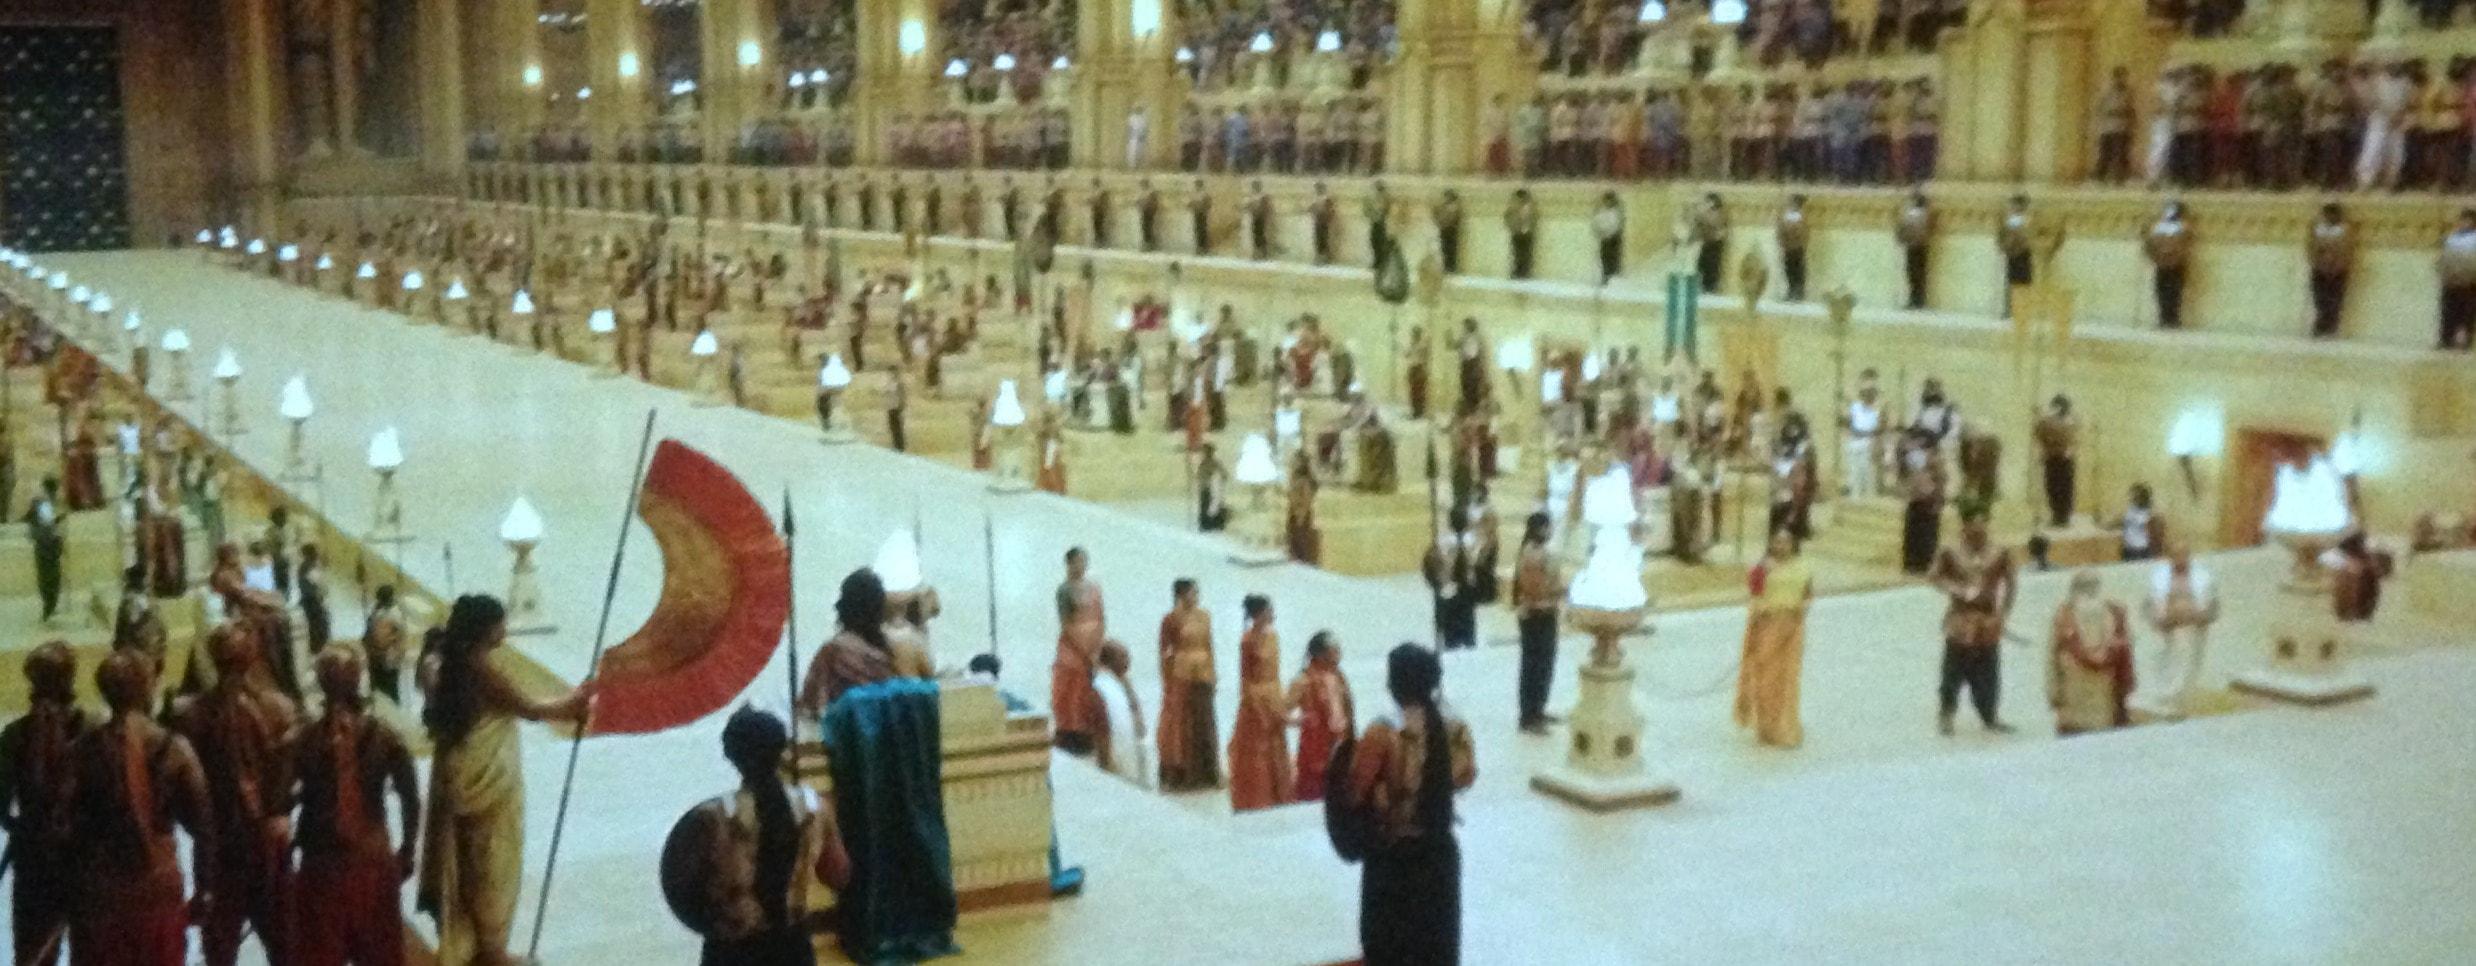 Bahubali palace Sets